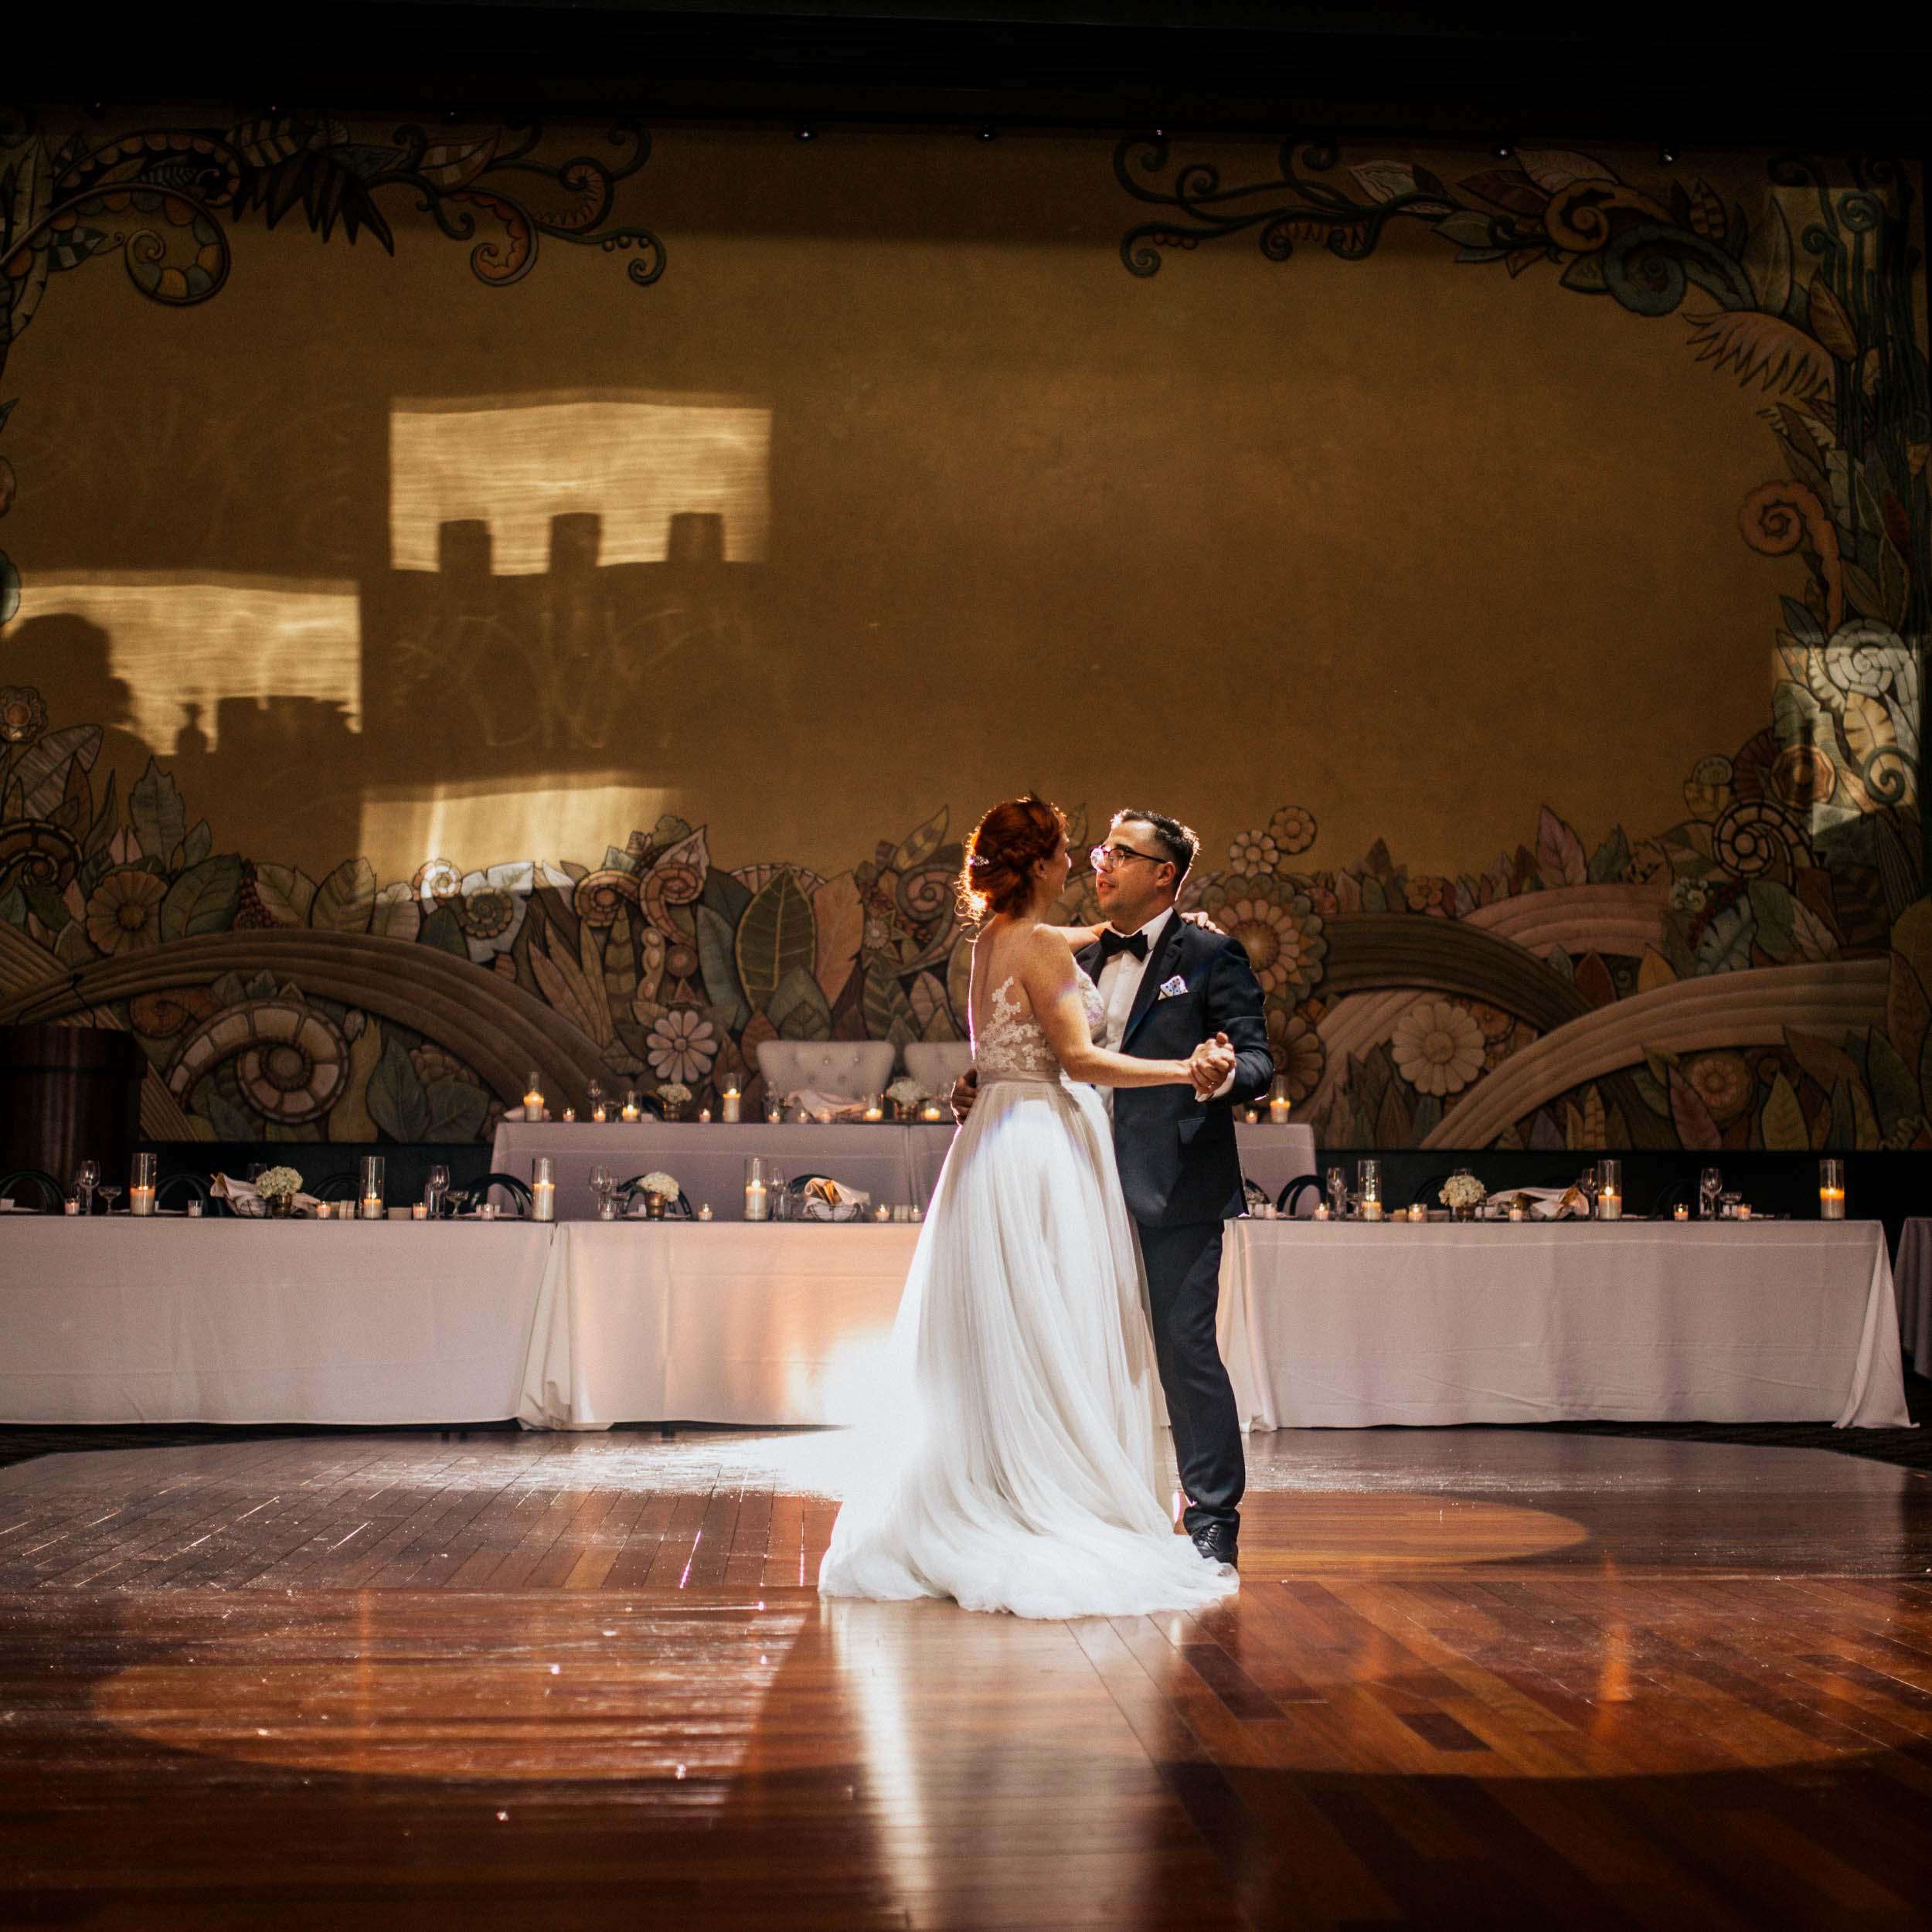 wedding-photography-stratford-davidiam-009.jpg